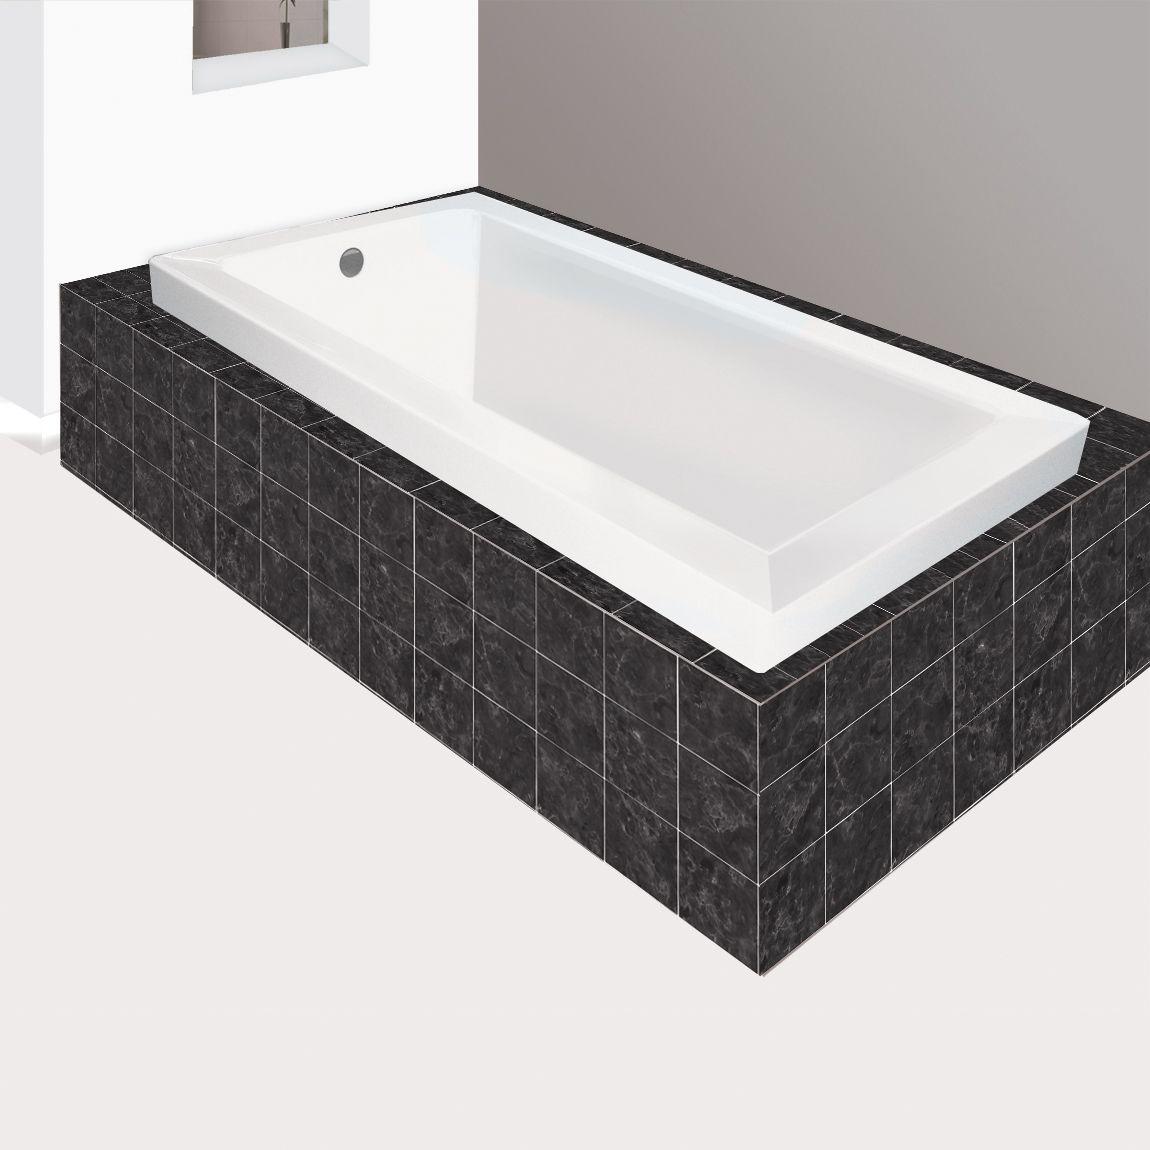 Shop Jade Bath BLW1023 6 Signature Portland Podium Soaker Tub At Loweu0027s  Canada. Find